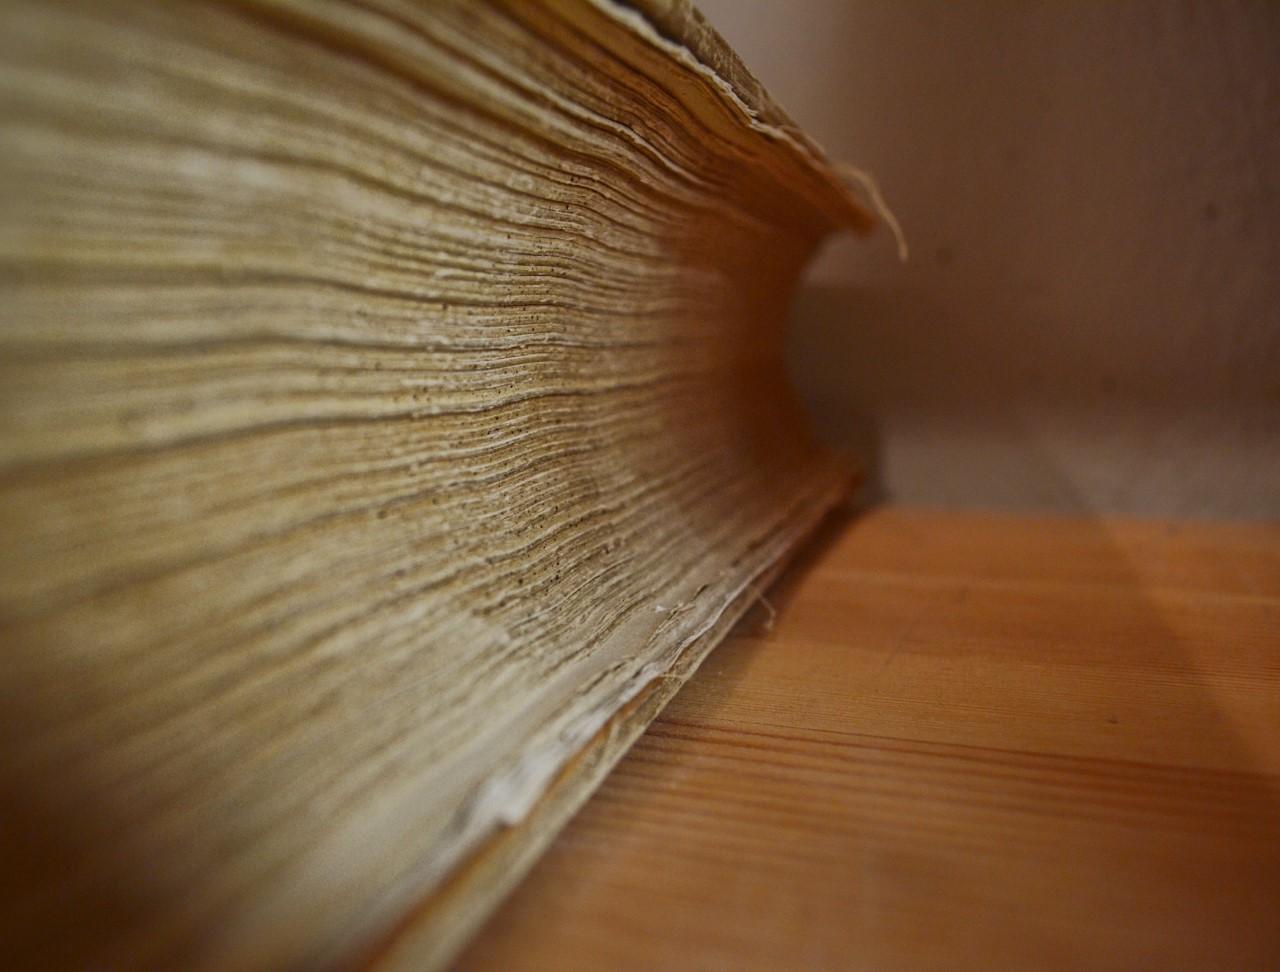 Vana paksu raamatu serv. GreteIlves